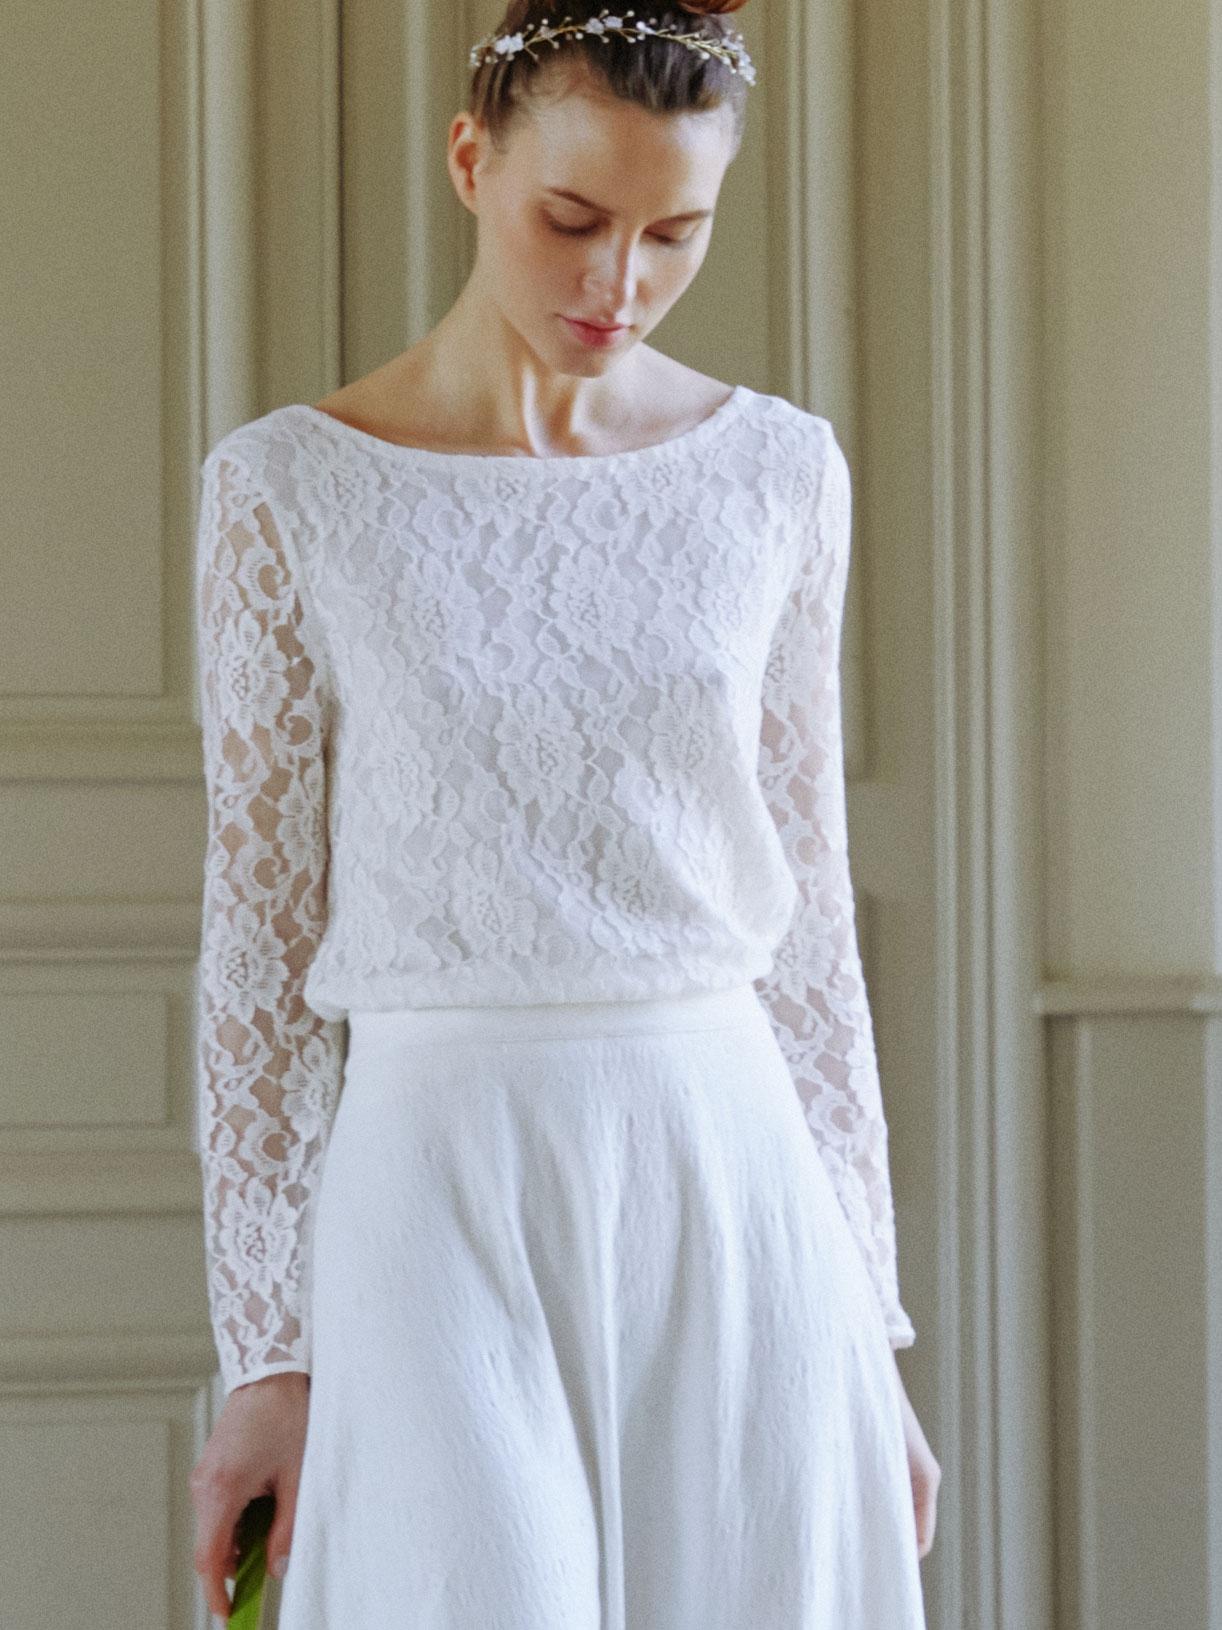 LOU - Blouse de mariée dos-nu en dentelle  - Créatrice de robes de mariée sur-mesure éthique et bio sur Paris - Myphilosophy